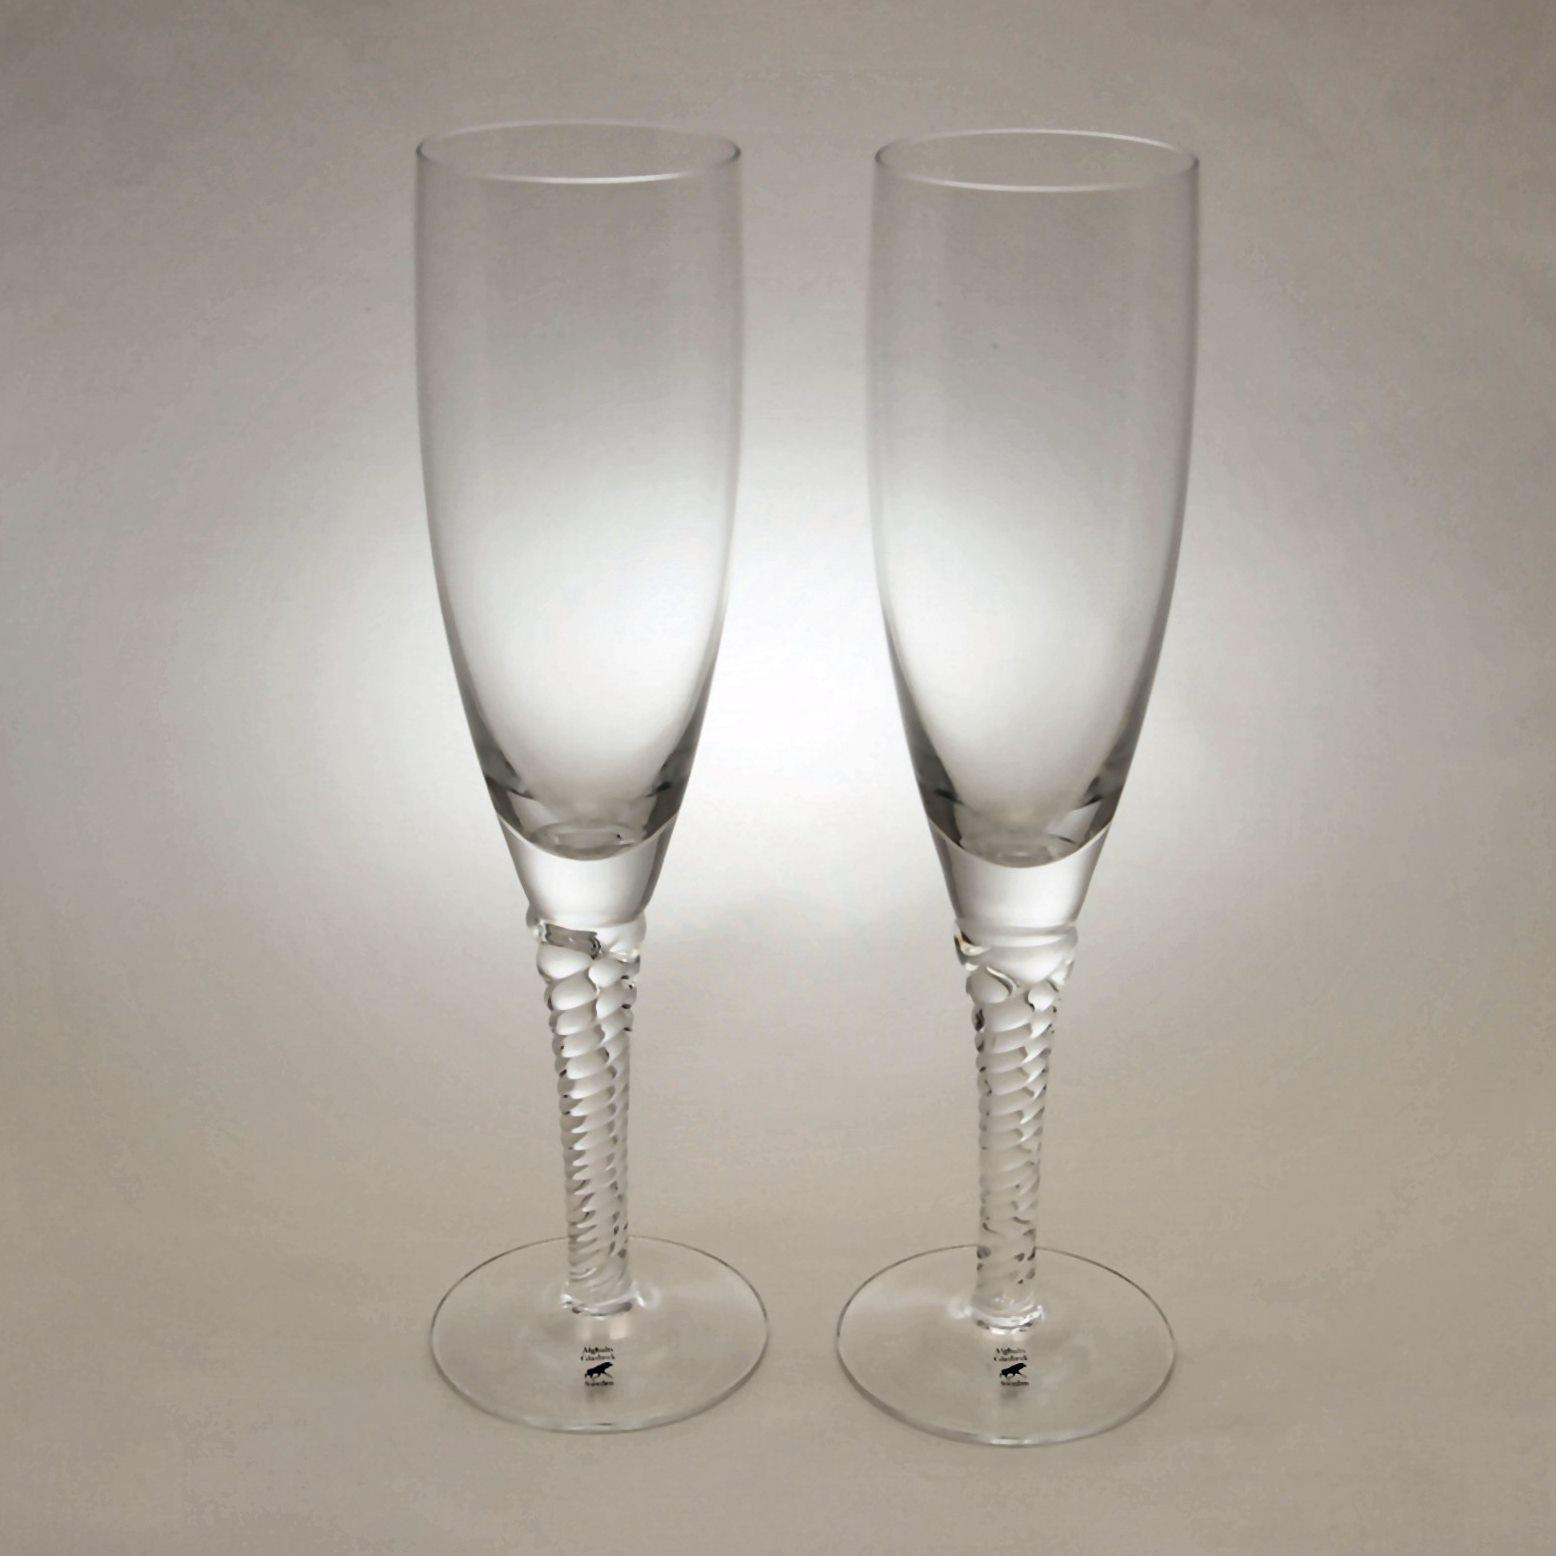 アルグハルト ツイスト シャンパン グラス ペア Alghult Twist Champagne glass